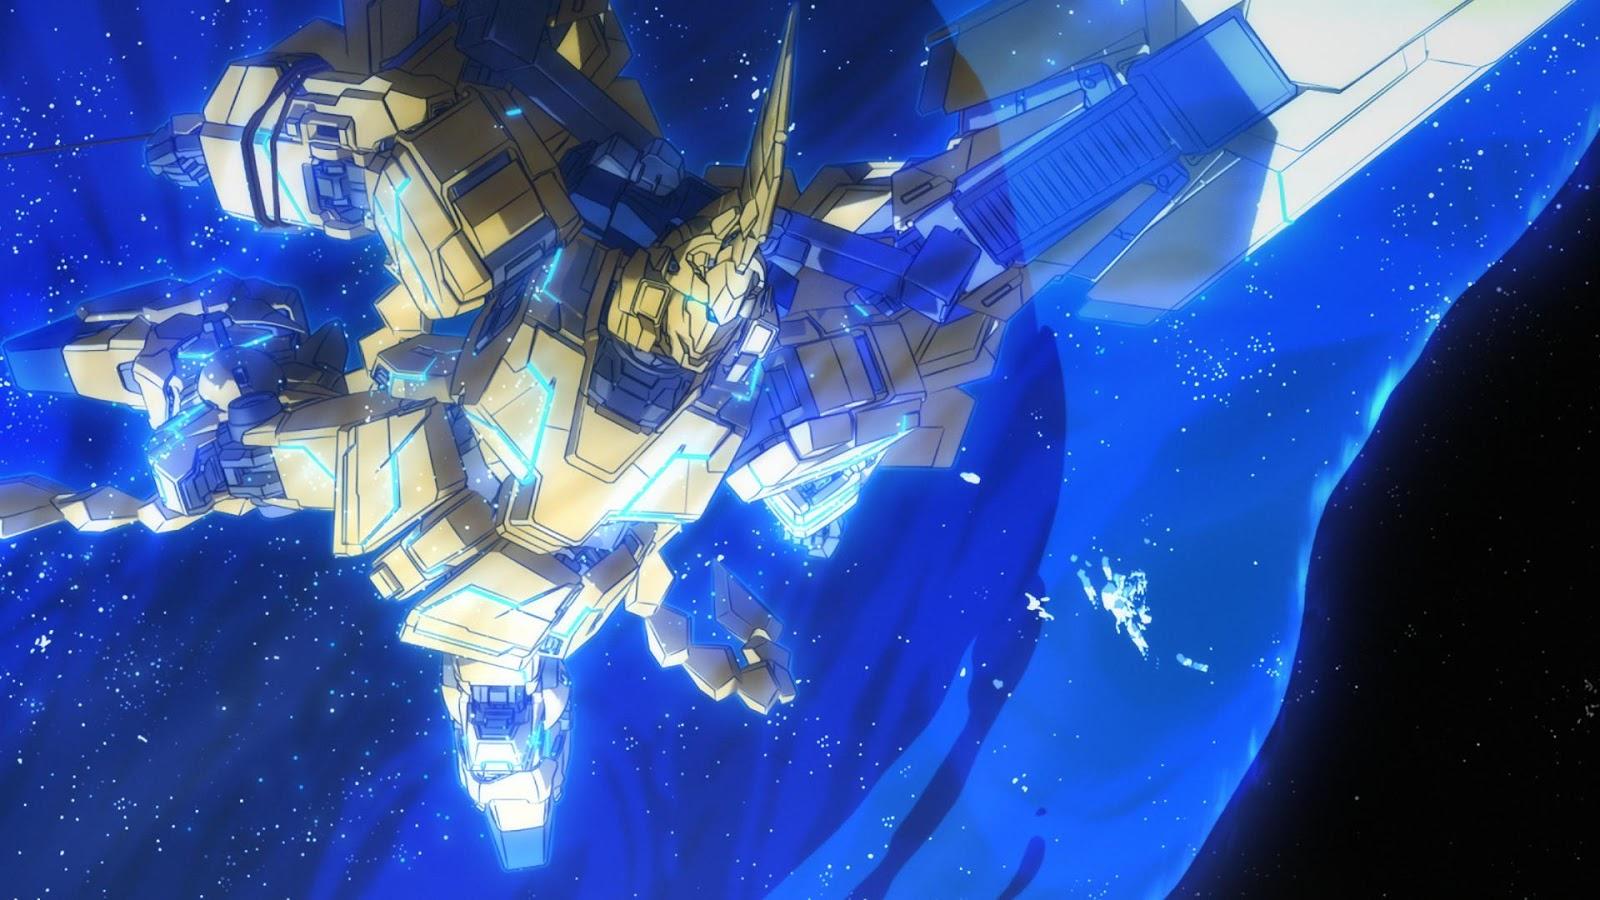 Gundam Nt 1841527 Hd Wallpaper Backgrounds Download